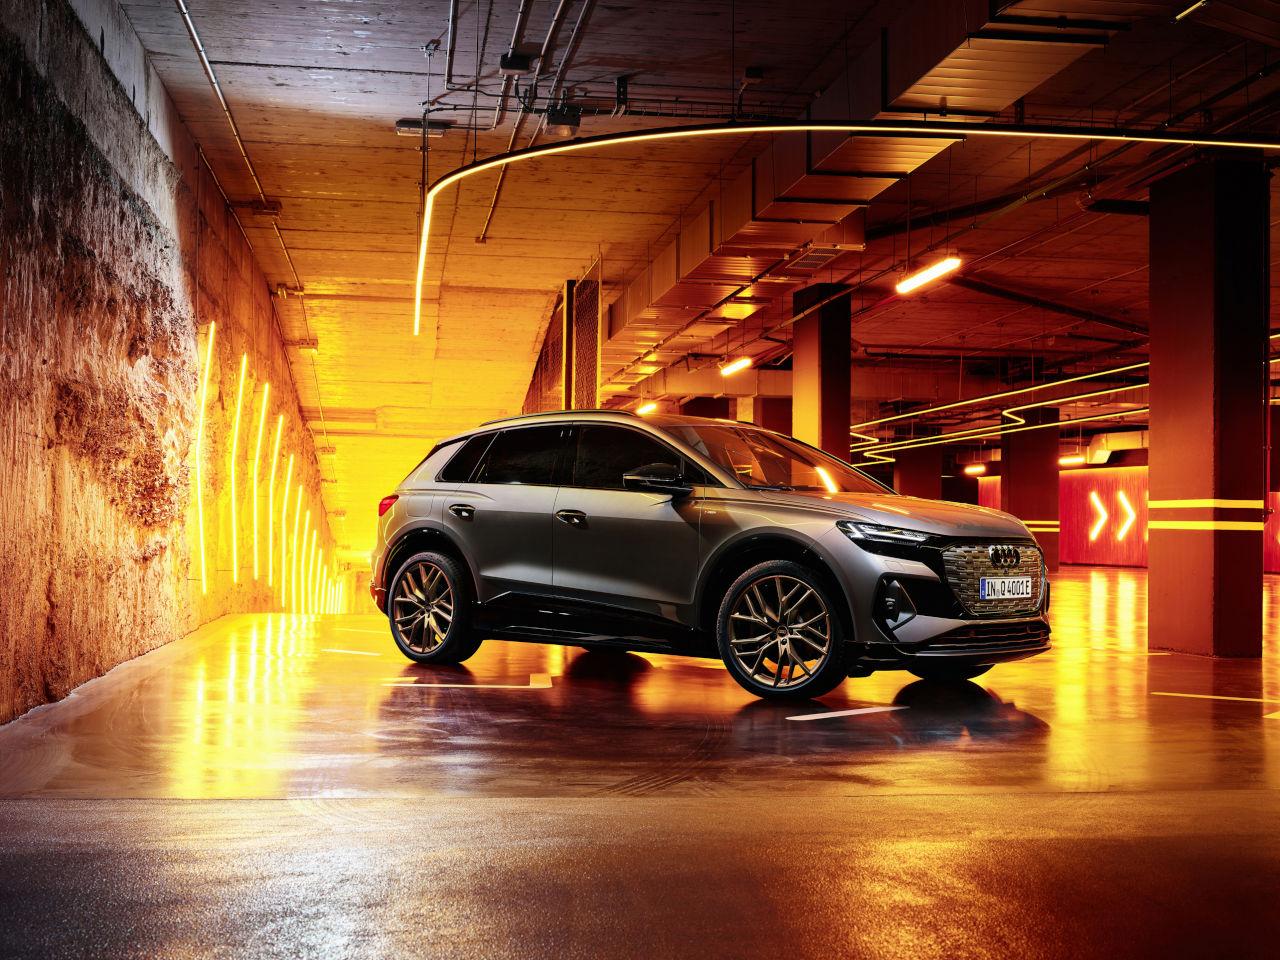 Ya está disponible el Q4 e-tron, el nuevo SUV compacto eléctrico de Audi